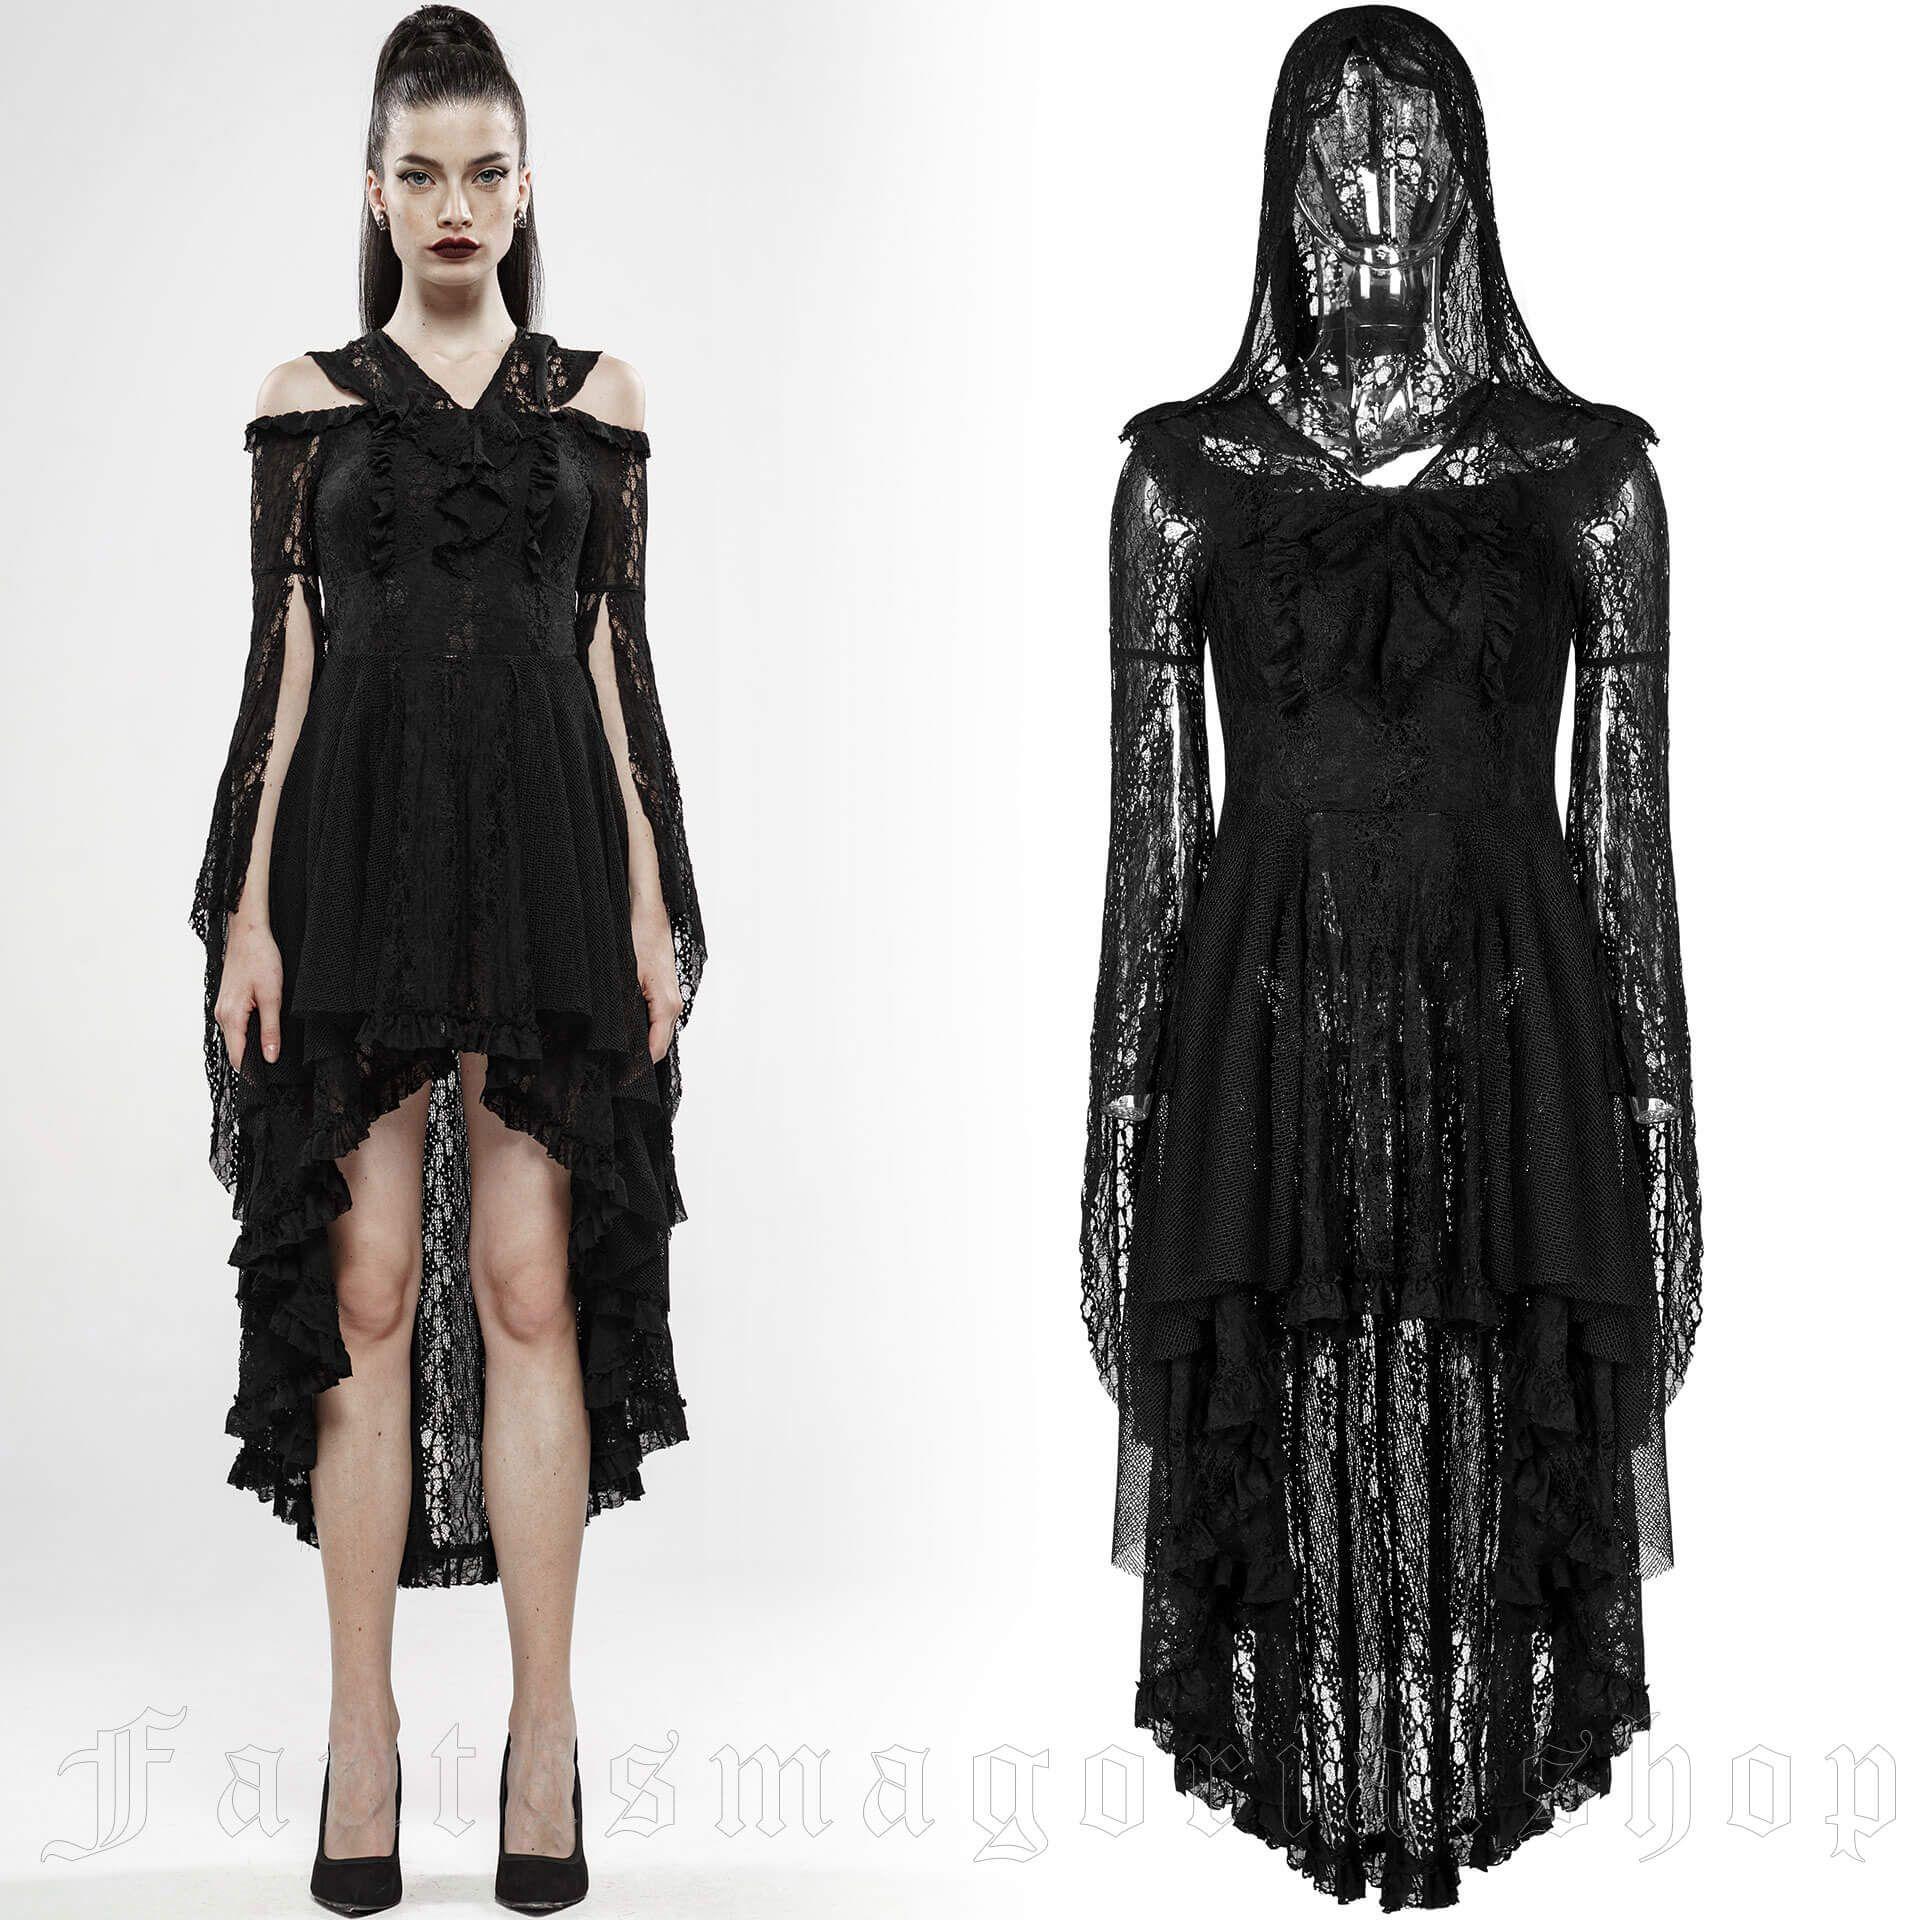 women's Spellbound Dress by PUNK RAVE brand, code: WQ-456/BK